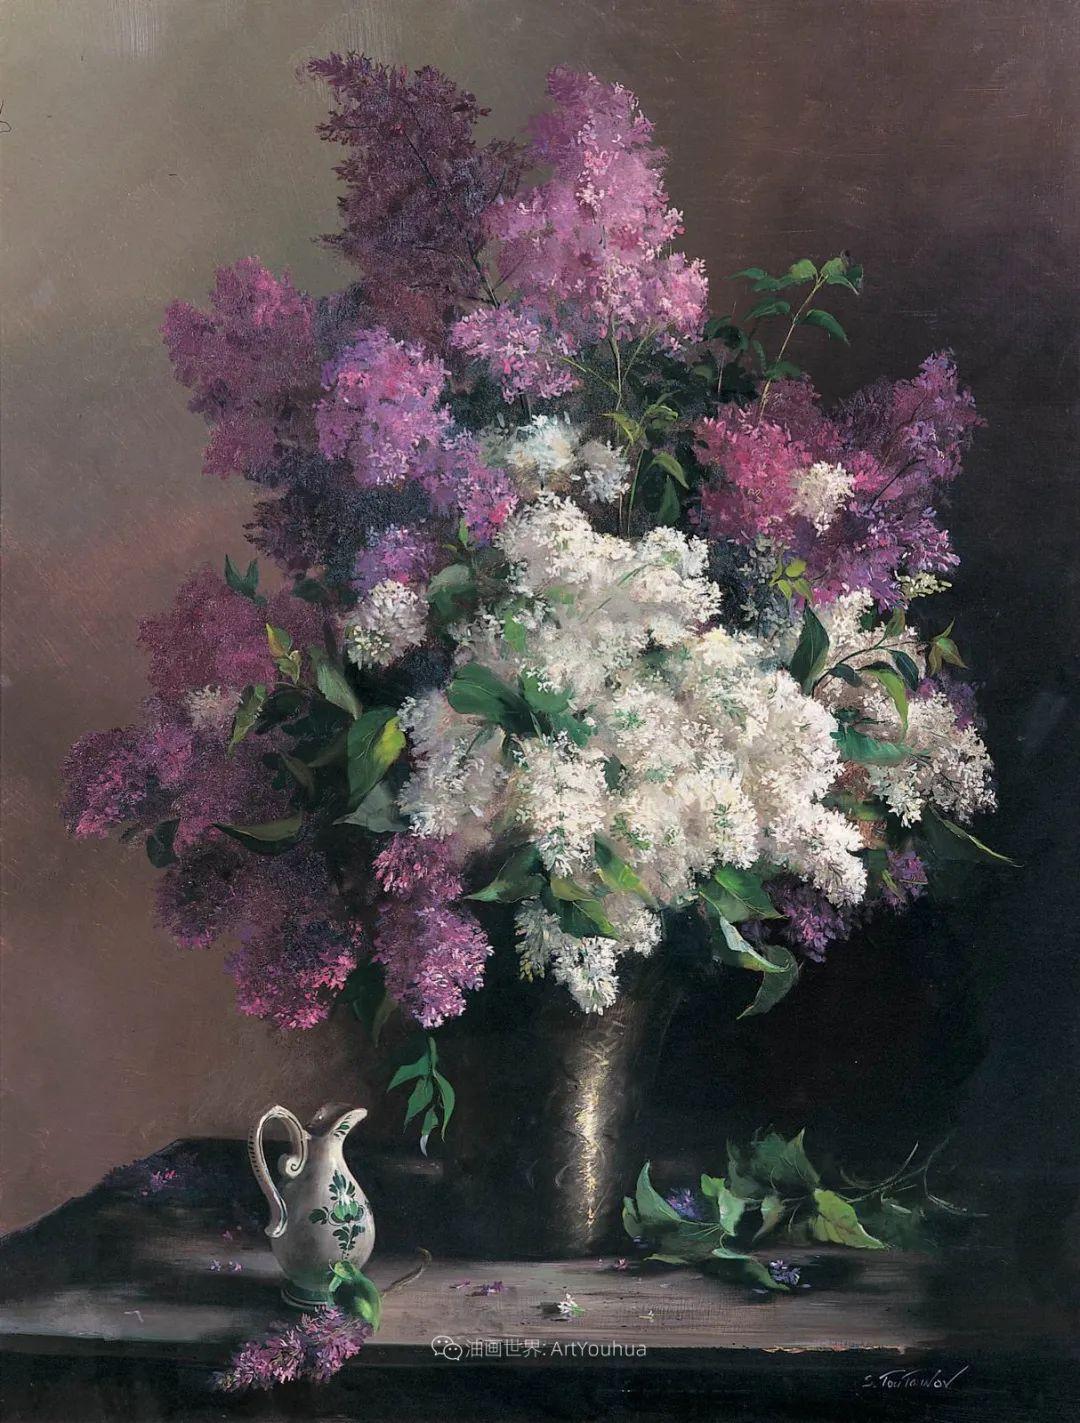 花香袭人,绚丽多彩!俄罗斯画家谢尔盖·图图诺夫插图13